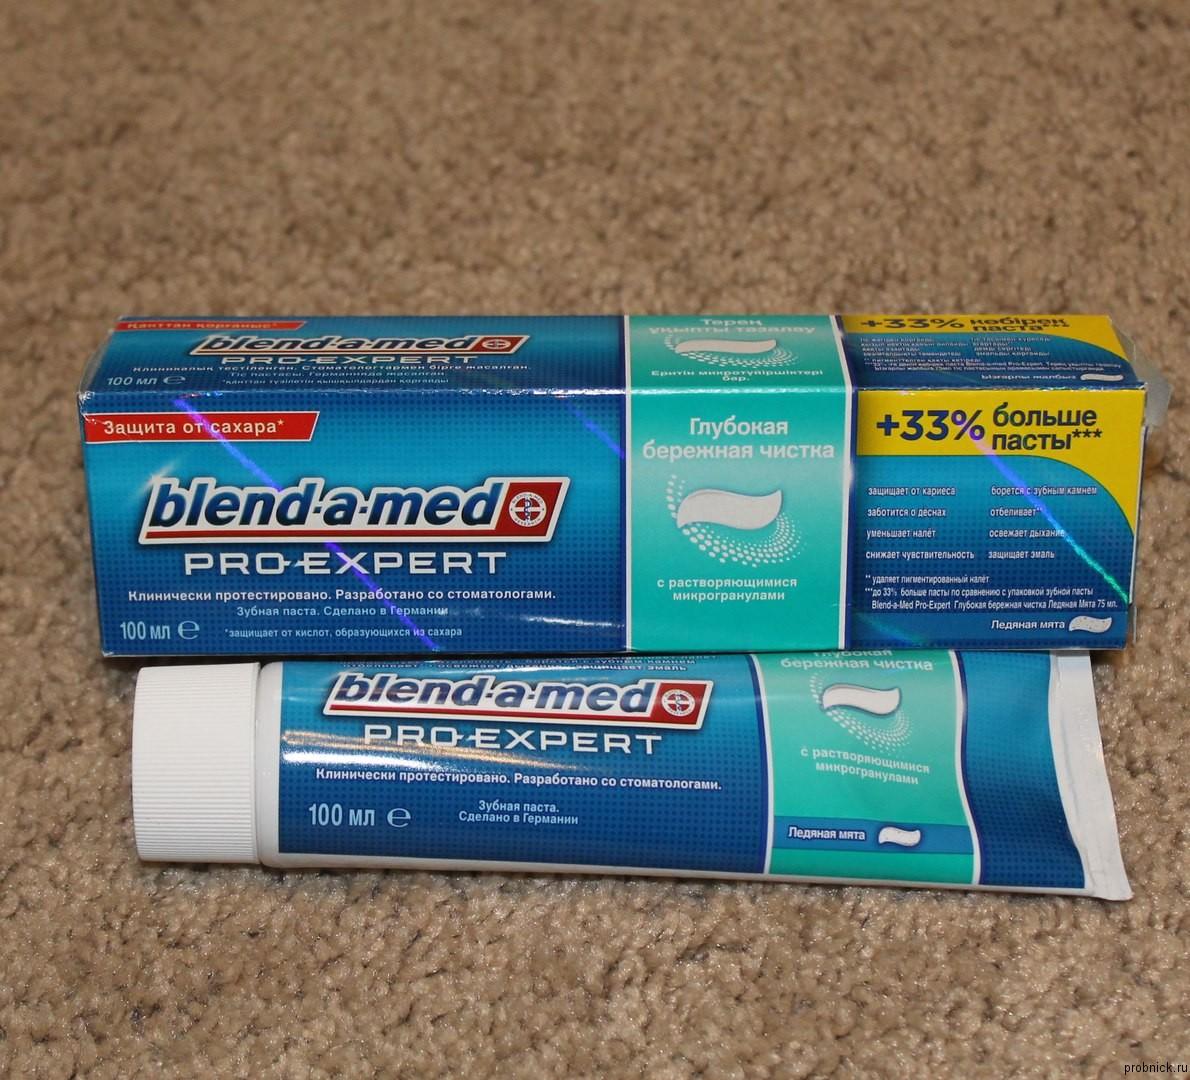 Blend_a_med_everydayme